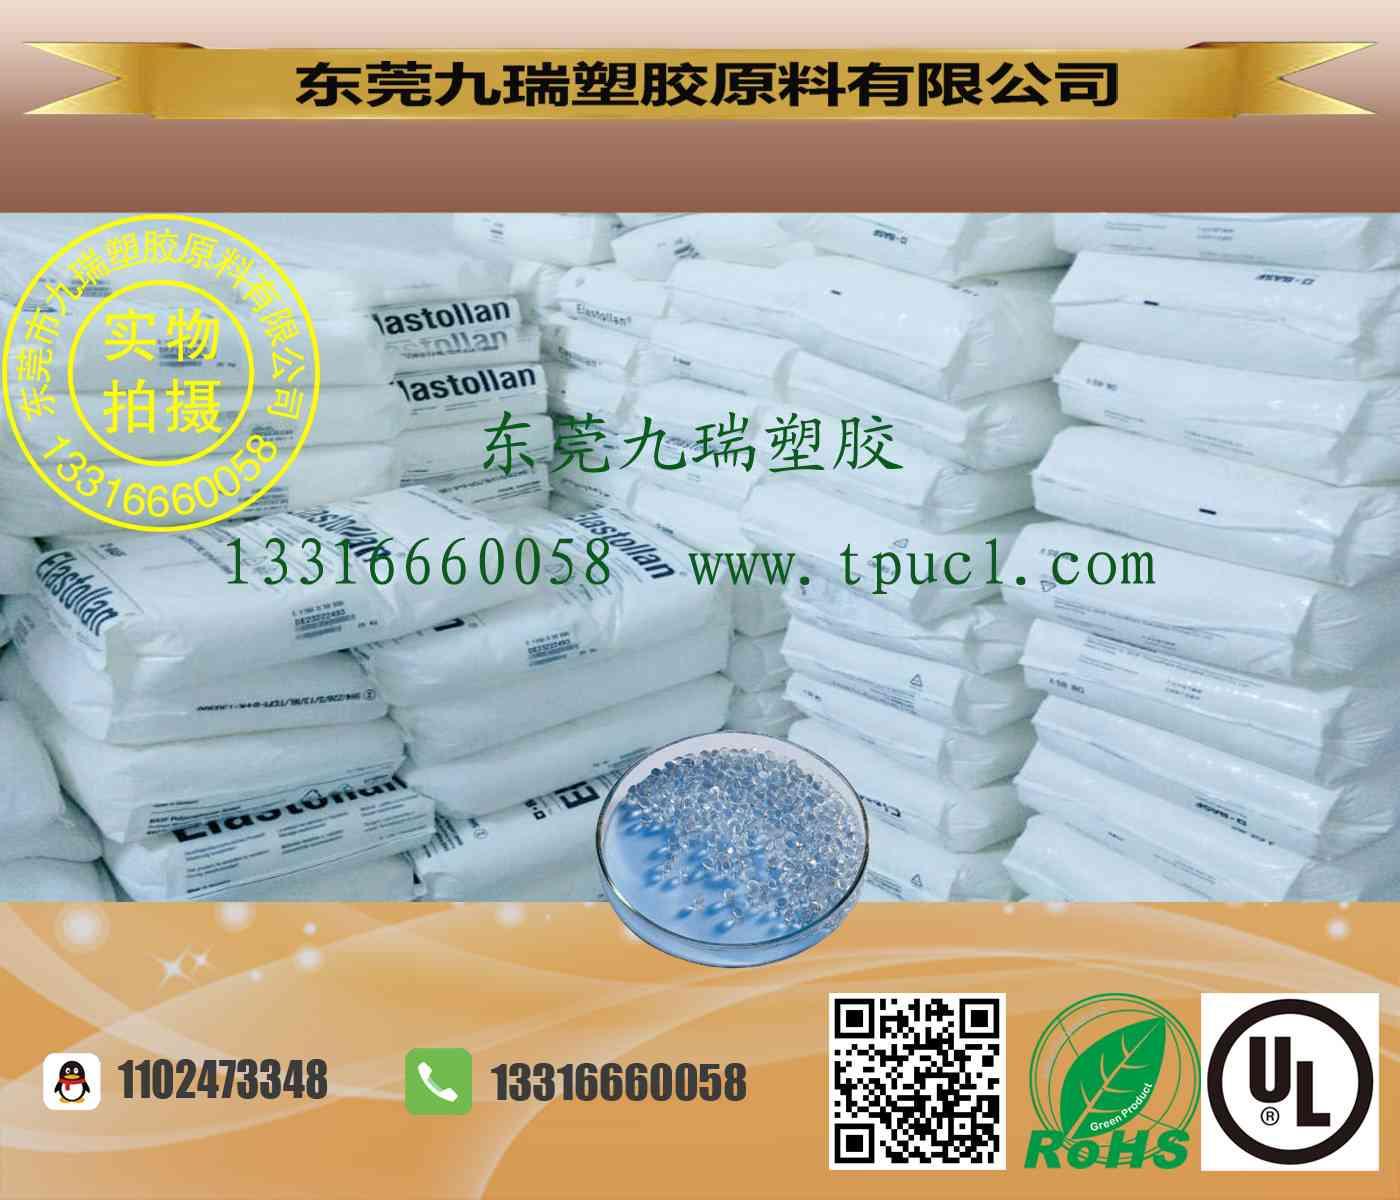 不透明耐油脂医用薄膜级TPU SP 806